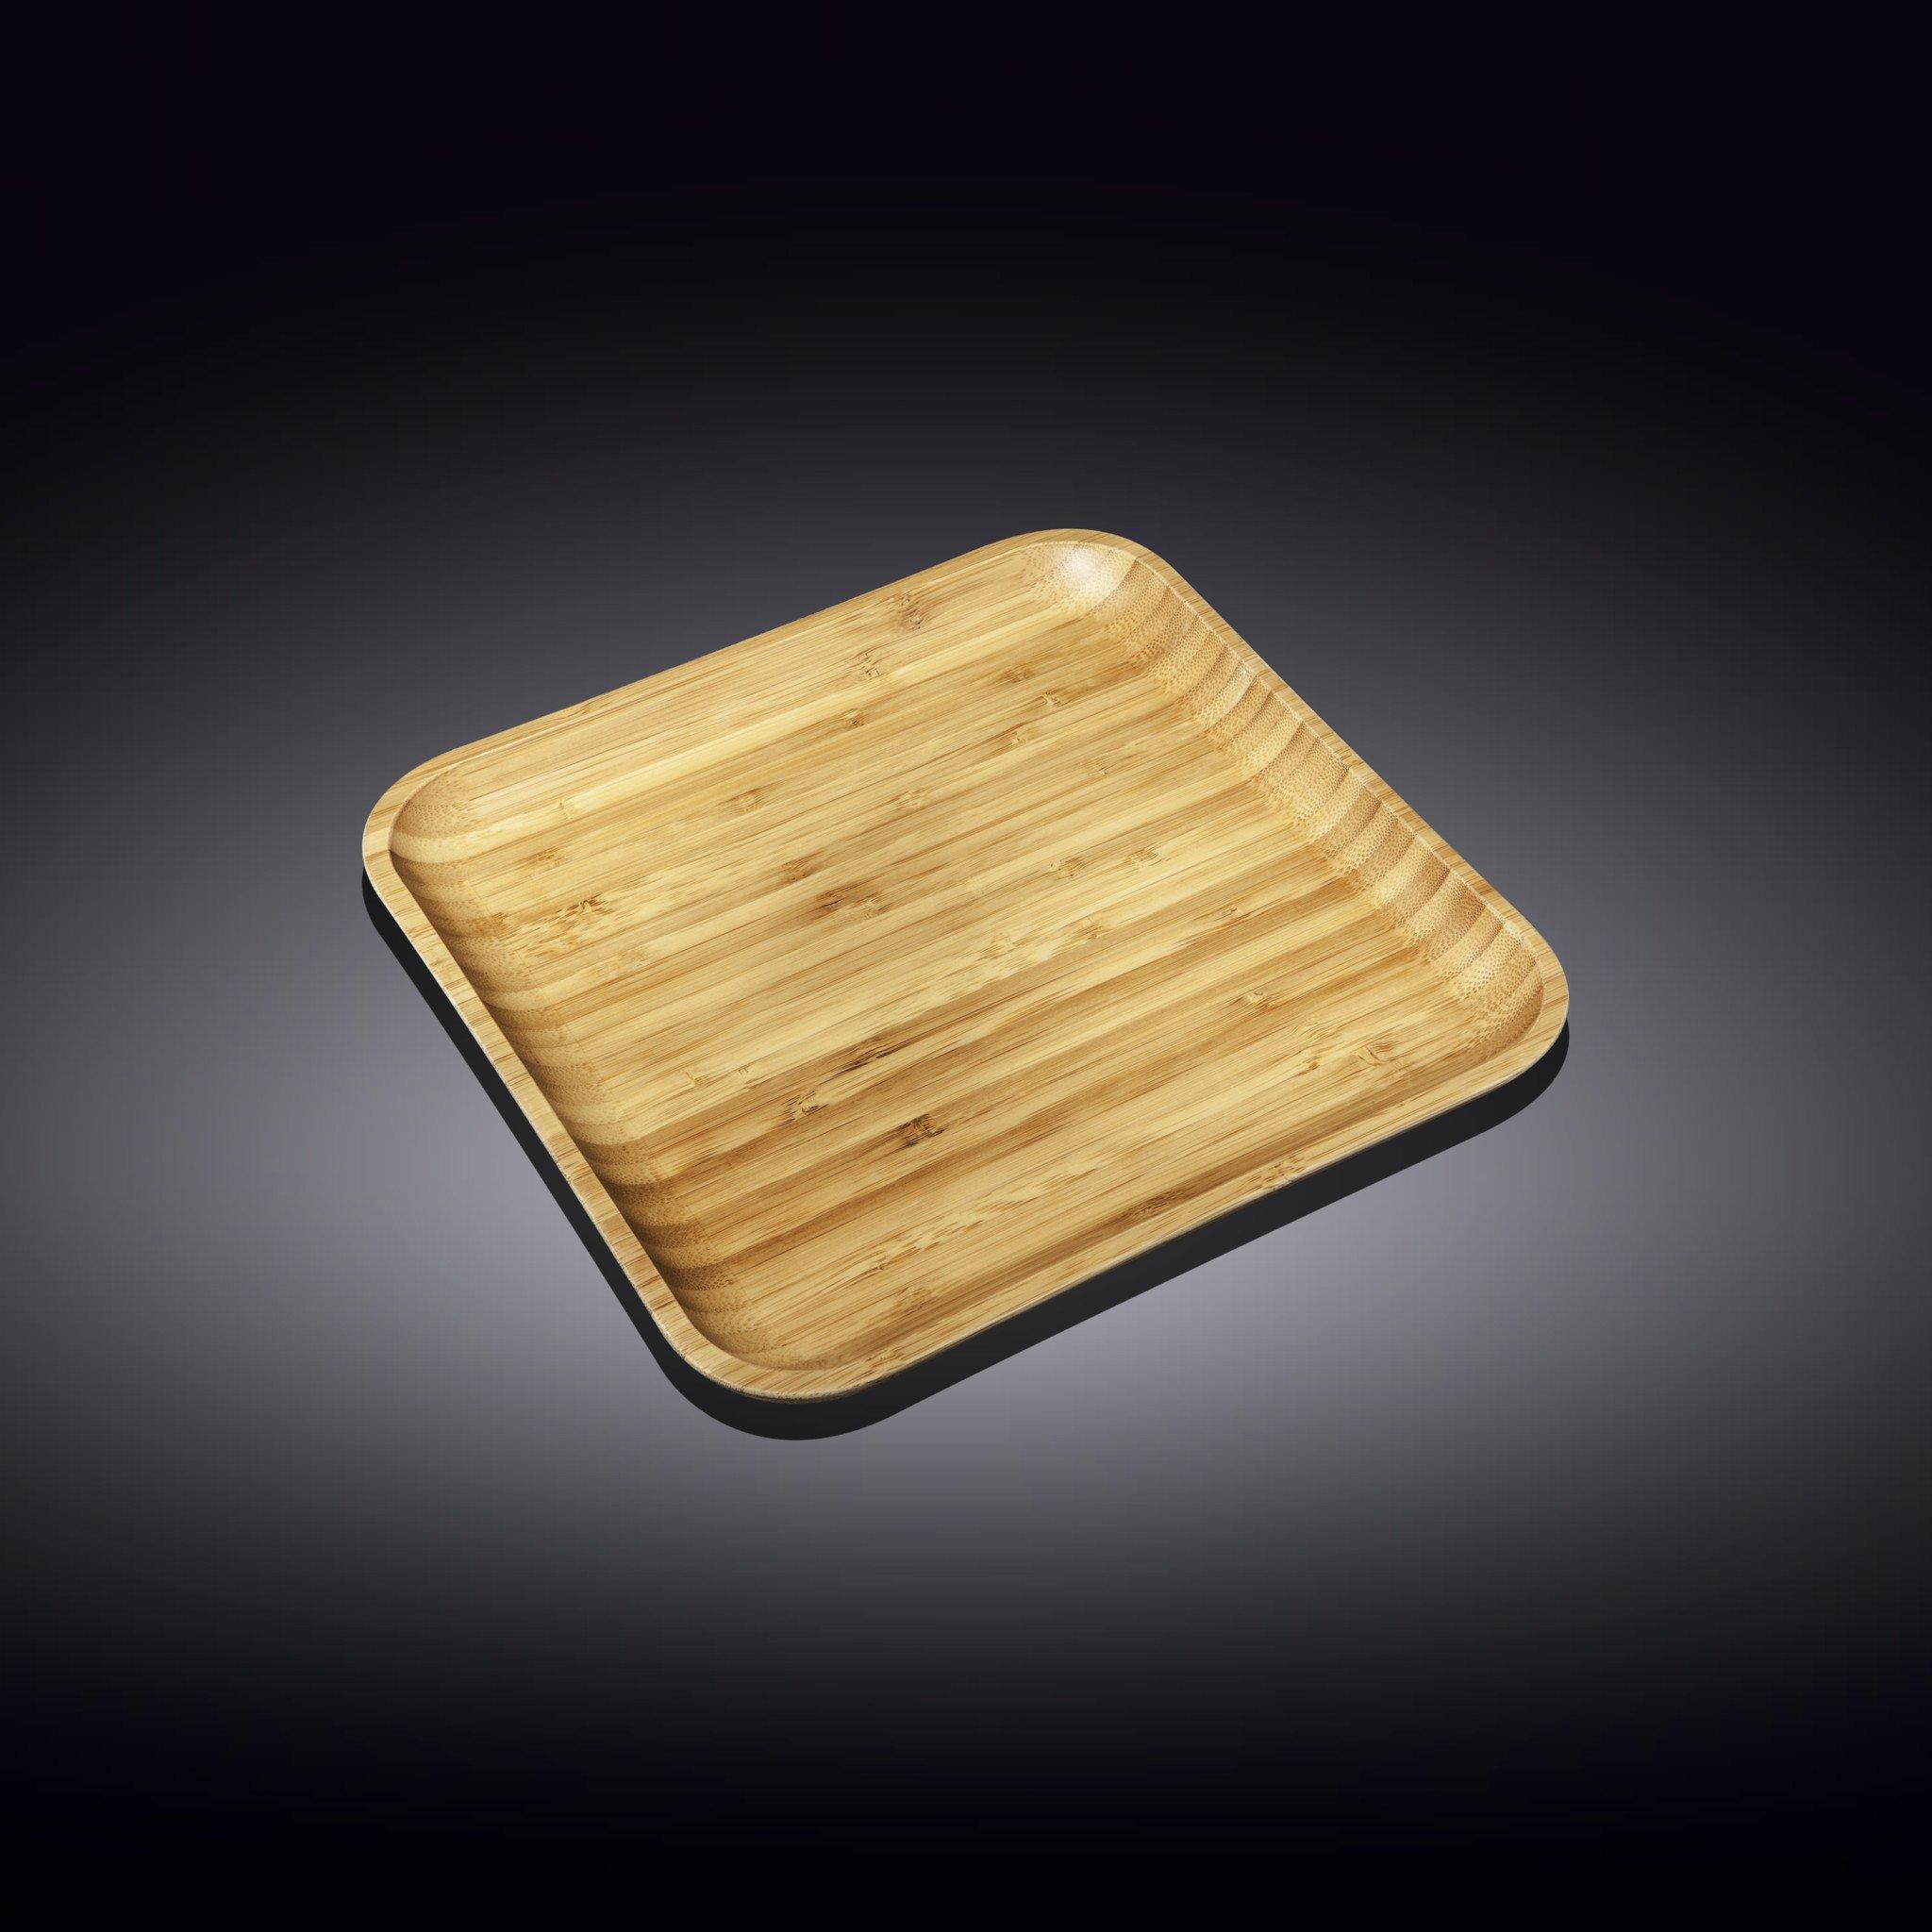 Блюдо сервировочное квадратное Wilmax 20.5 см блюдо сервировочное wilmax england 30 5 12 см